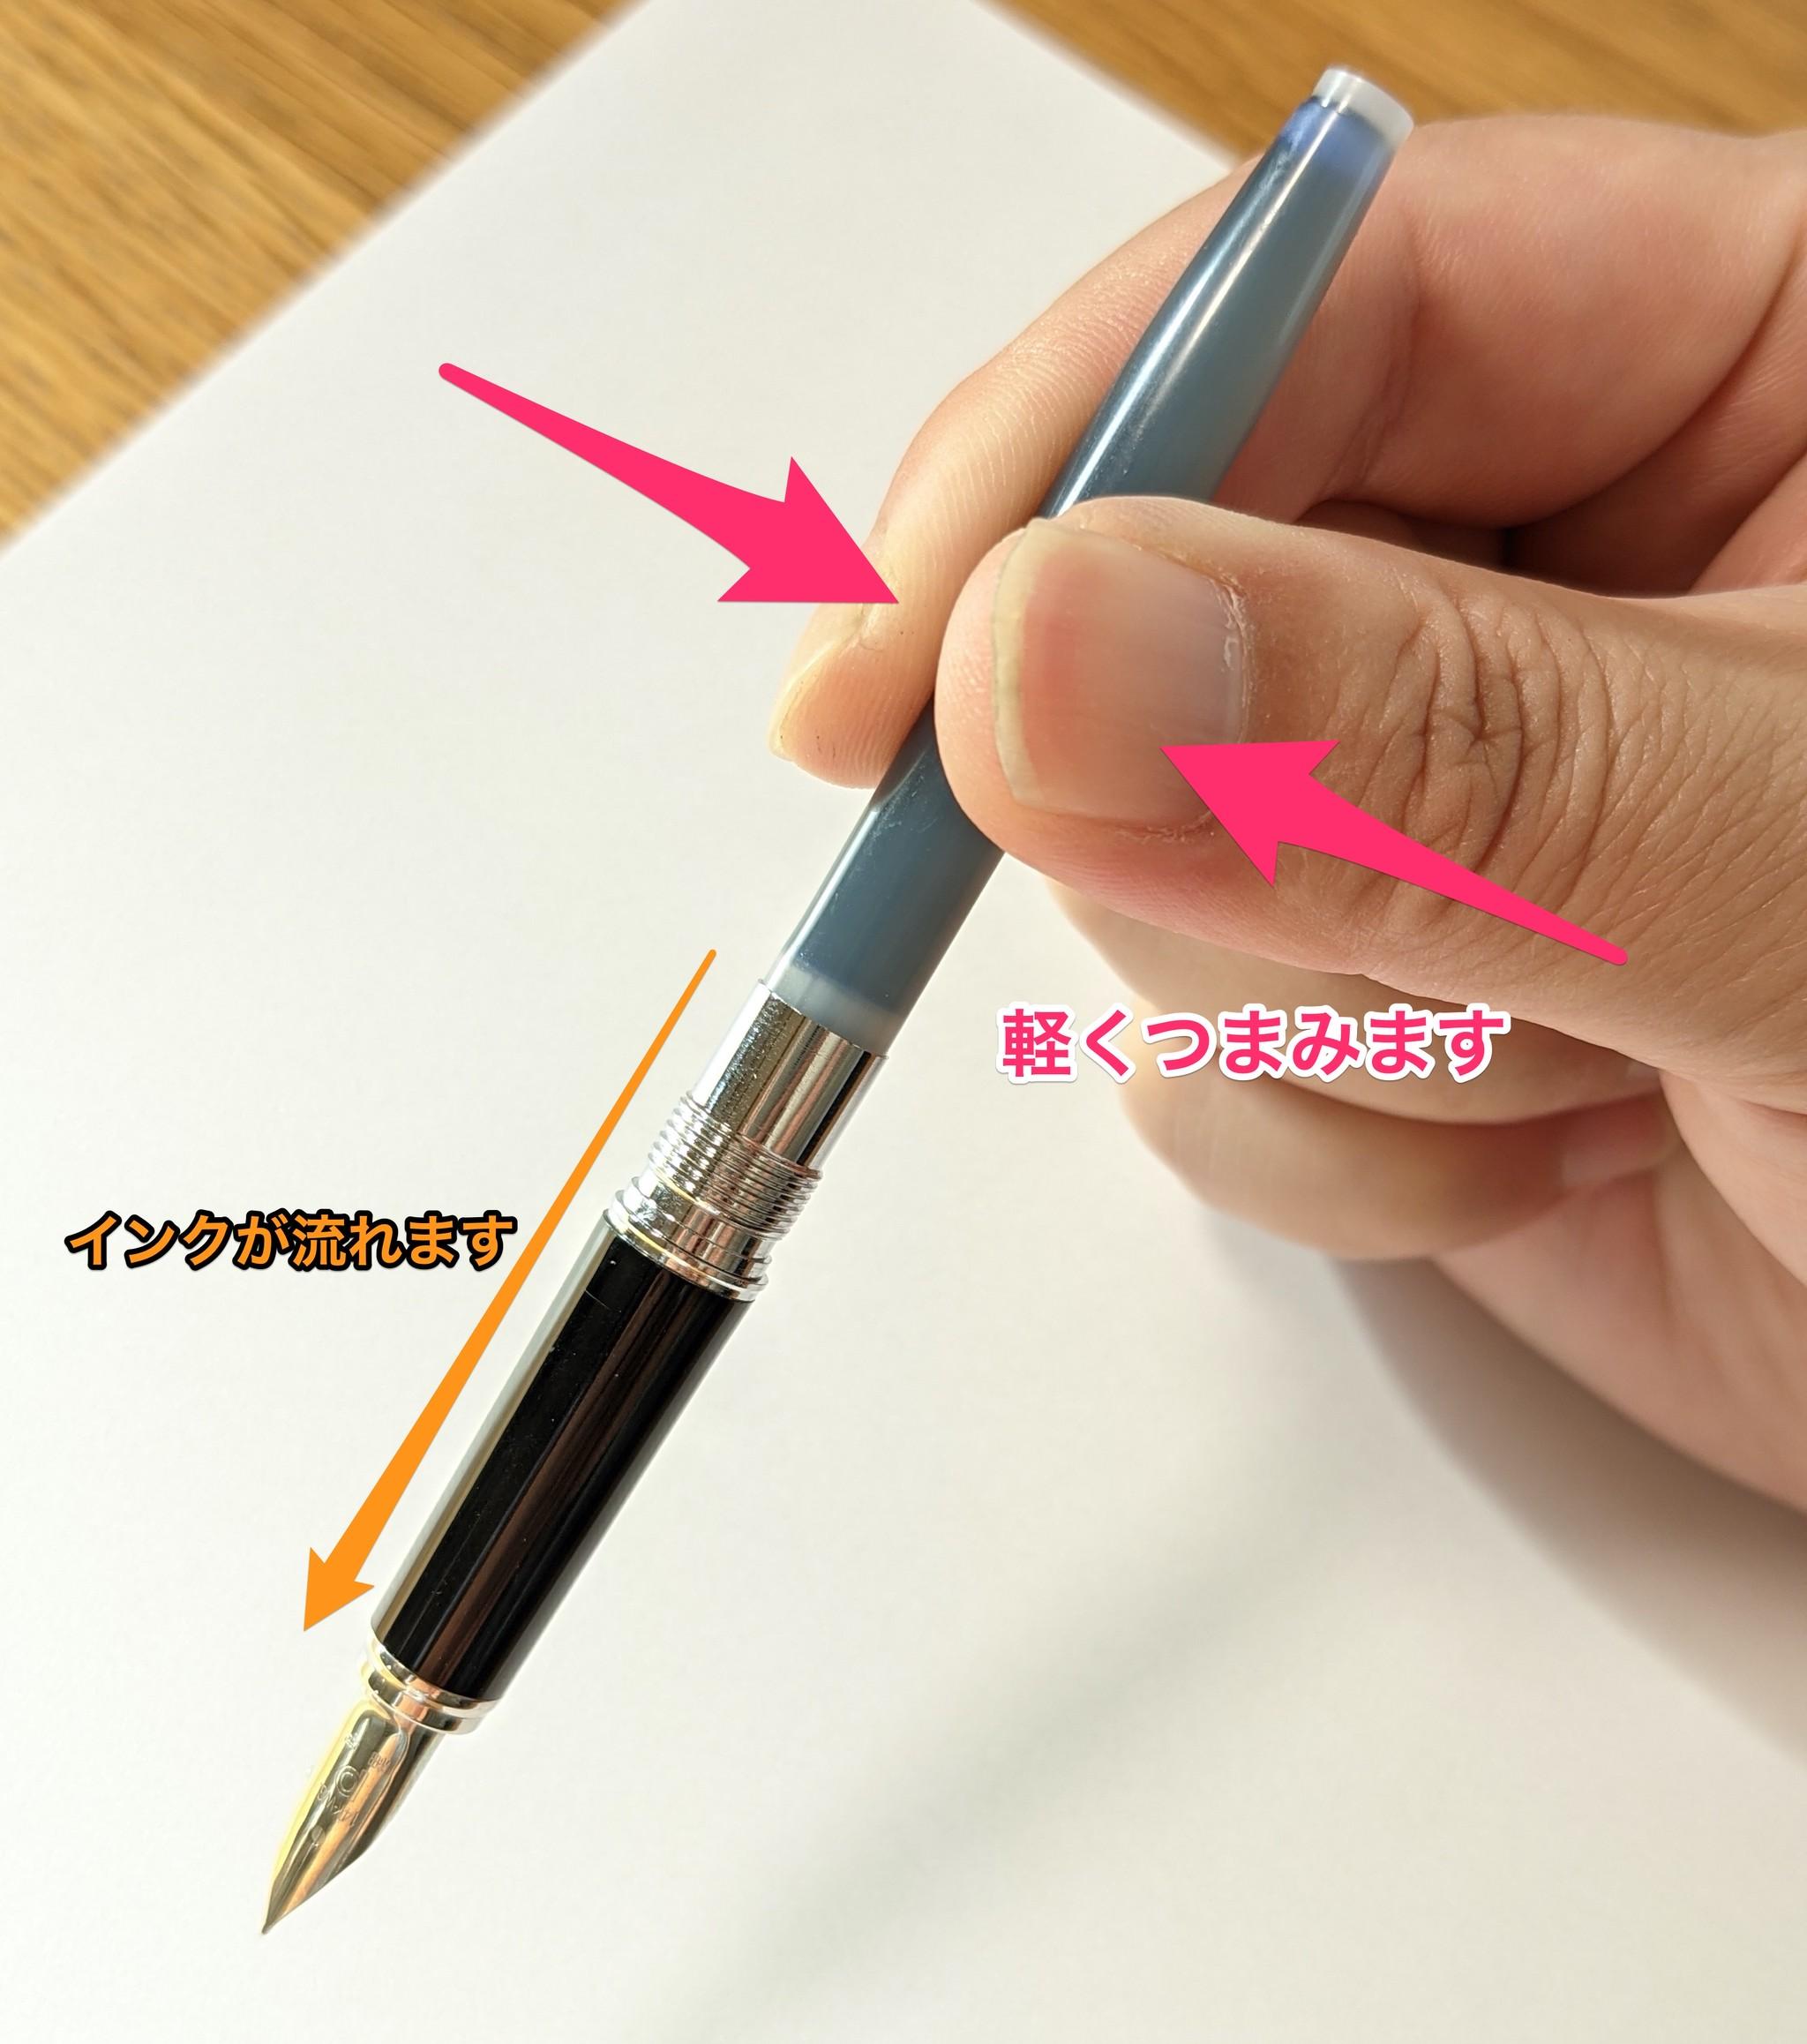 カートリッジ式万年筆について